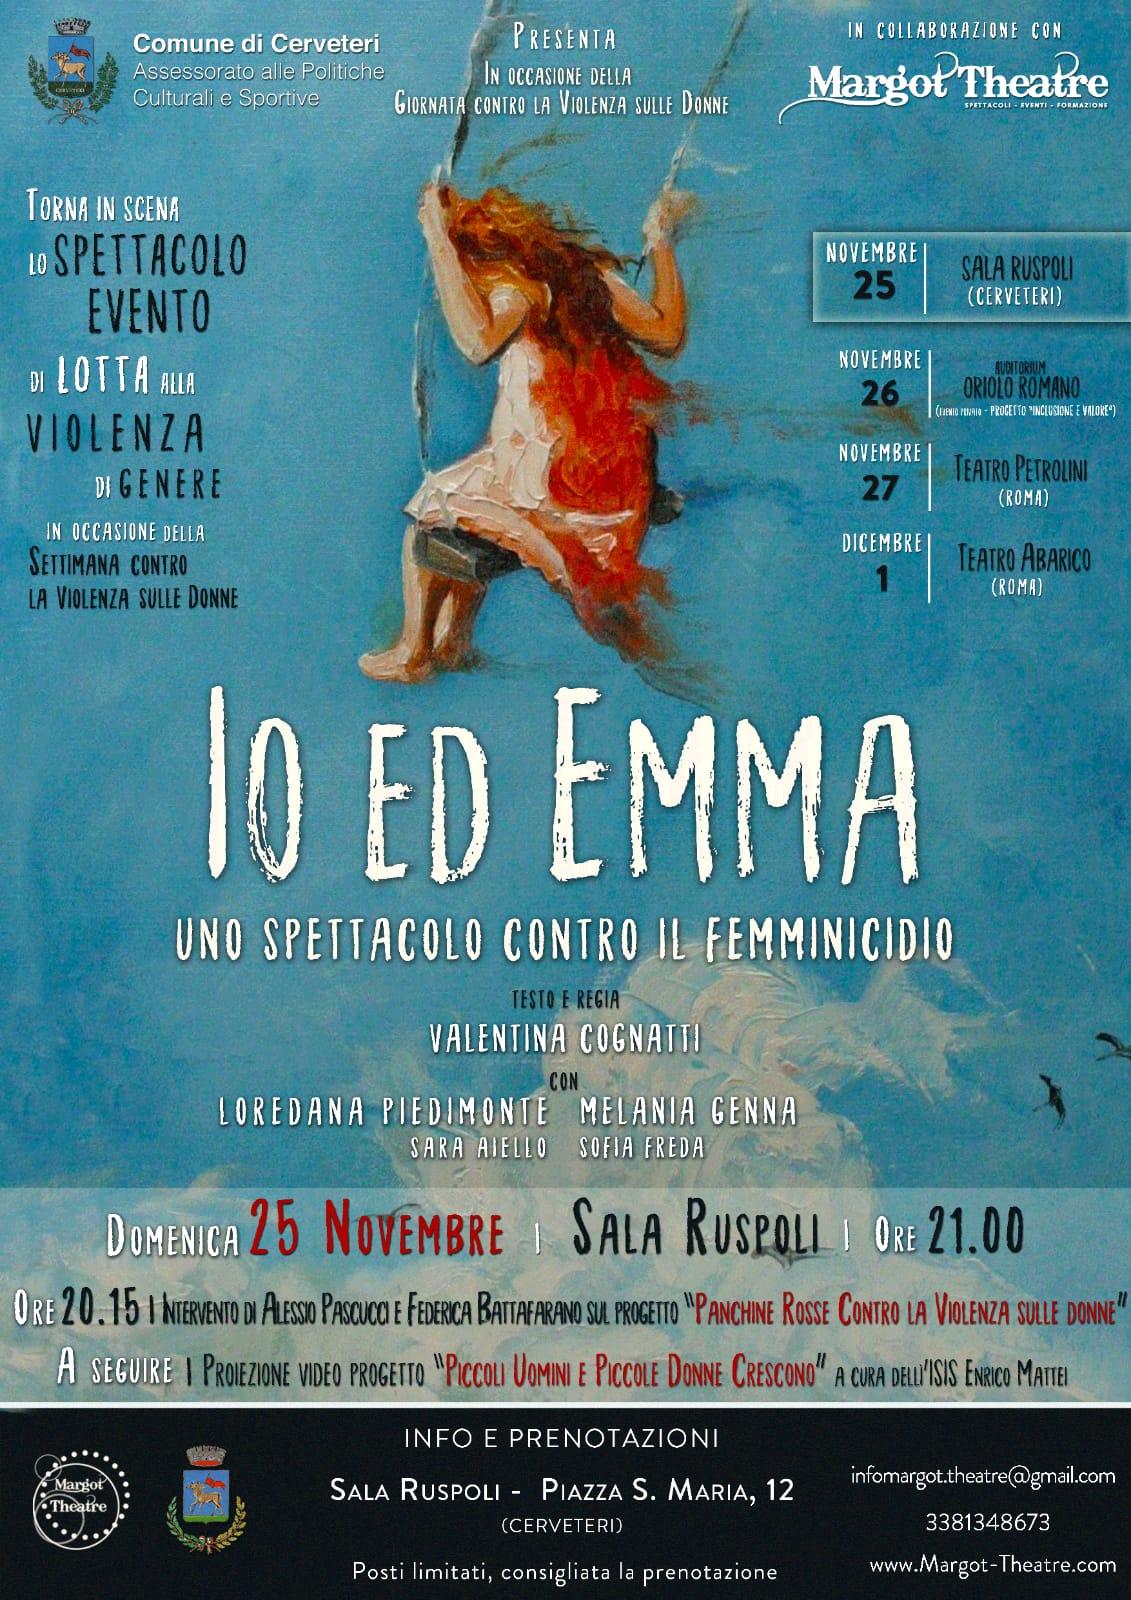 """Giornata Internazionale per l'eliminazione della Violenza contro le Donne: a Sala Ruspoli lo spettacolo """"Io ed Emma"""""""